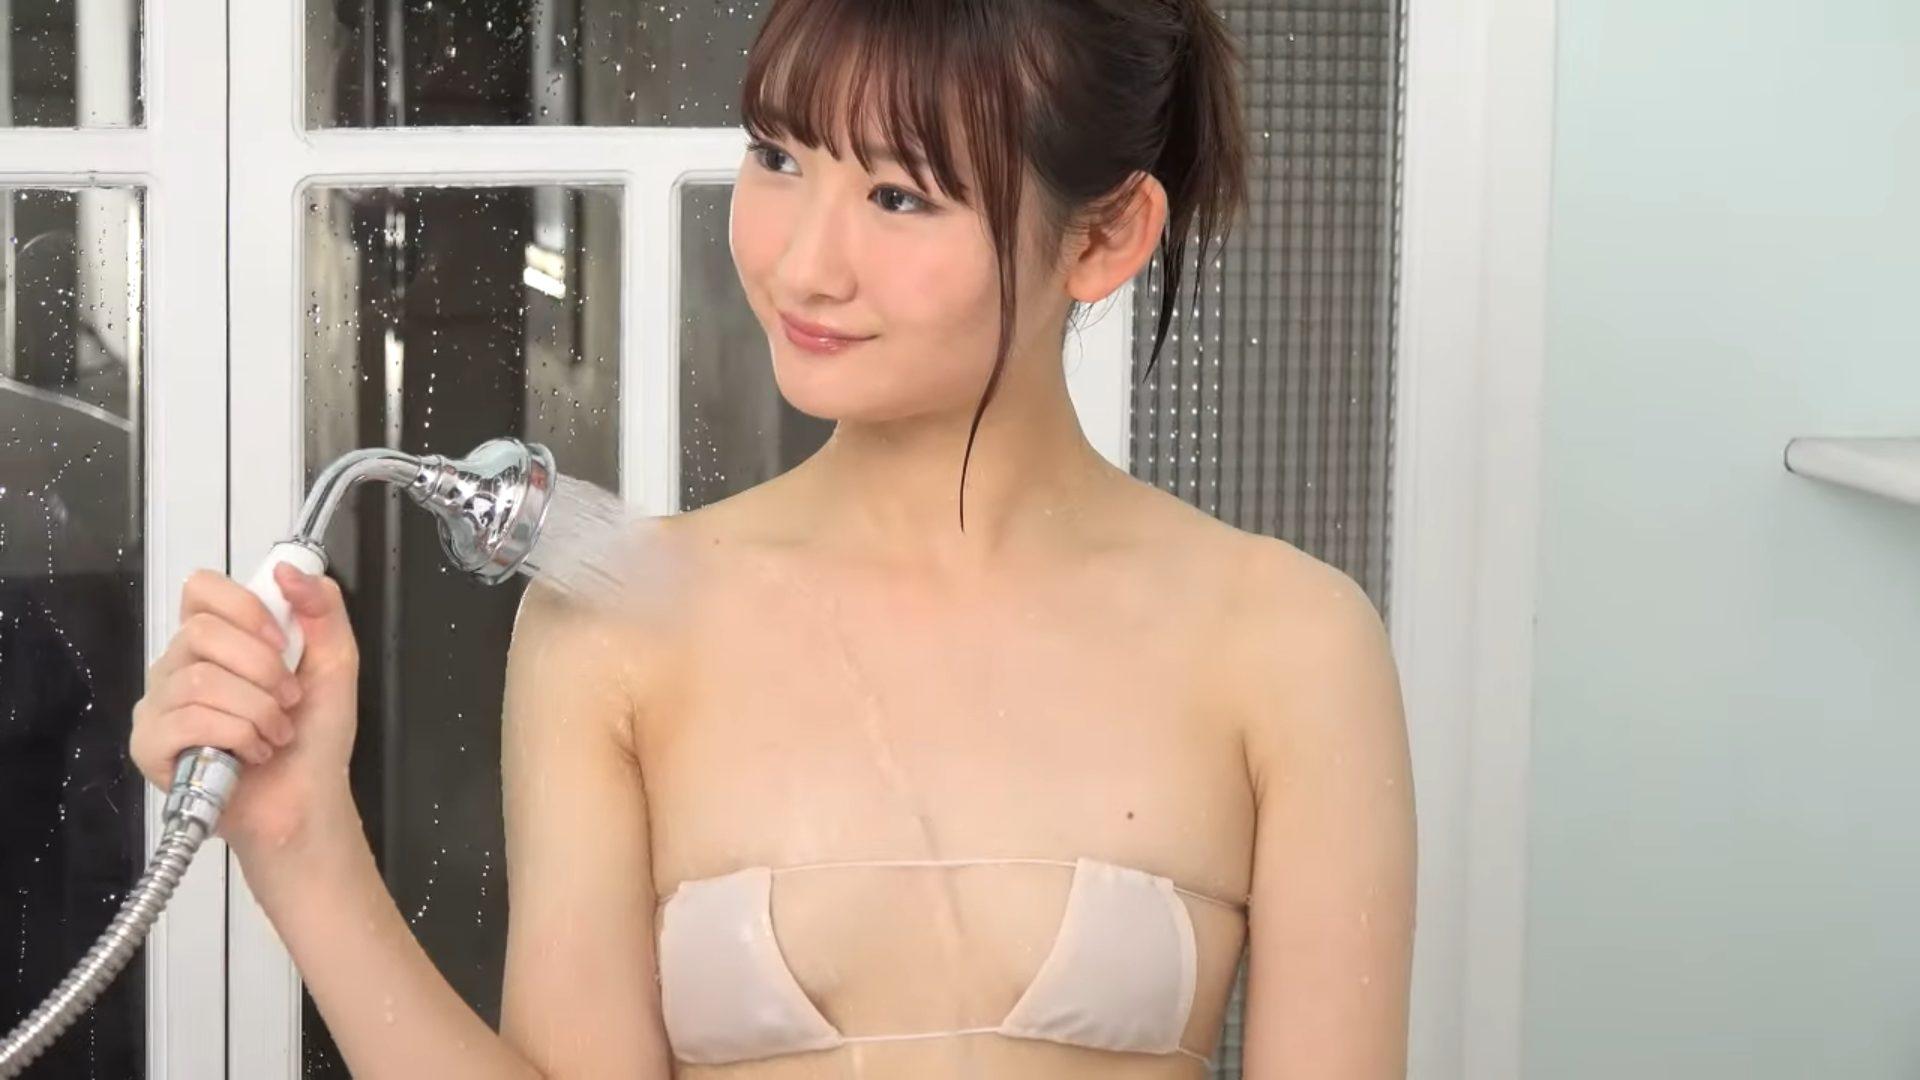 【近藤あさみ】-カップ2 服透けてる!濡れ姿がやばい!眼帯ビキニ姿もあります!